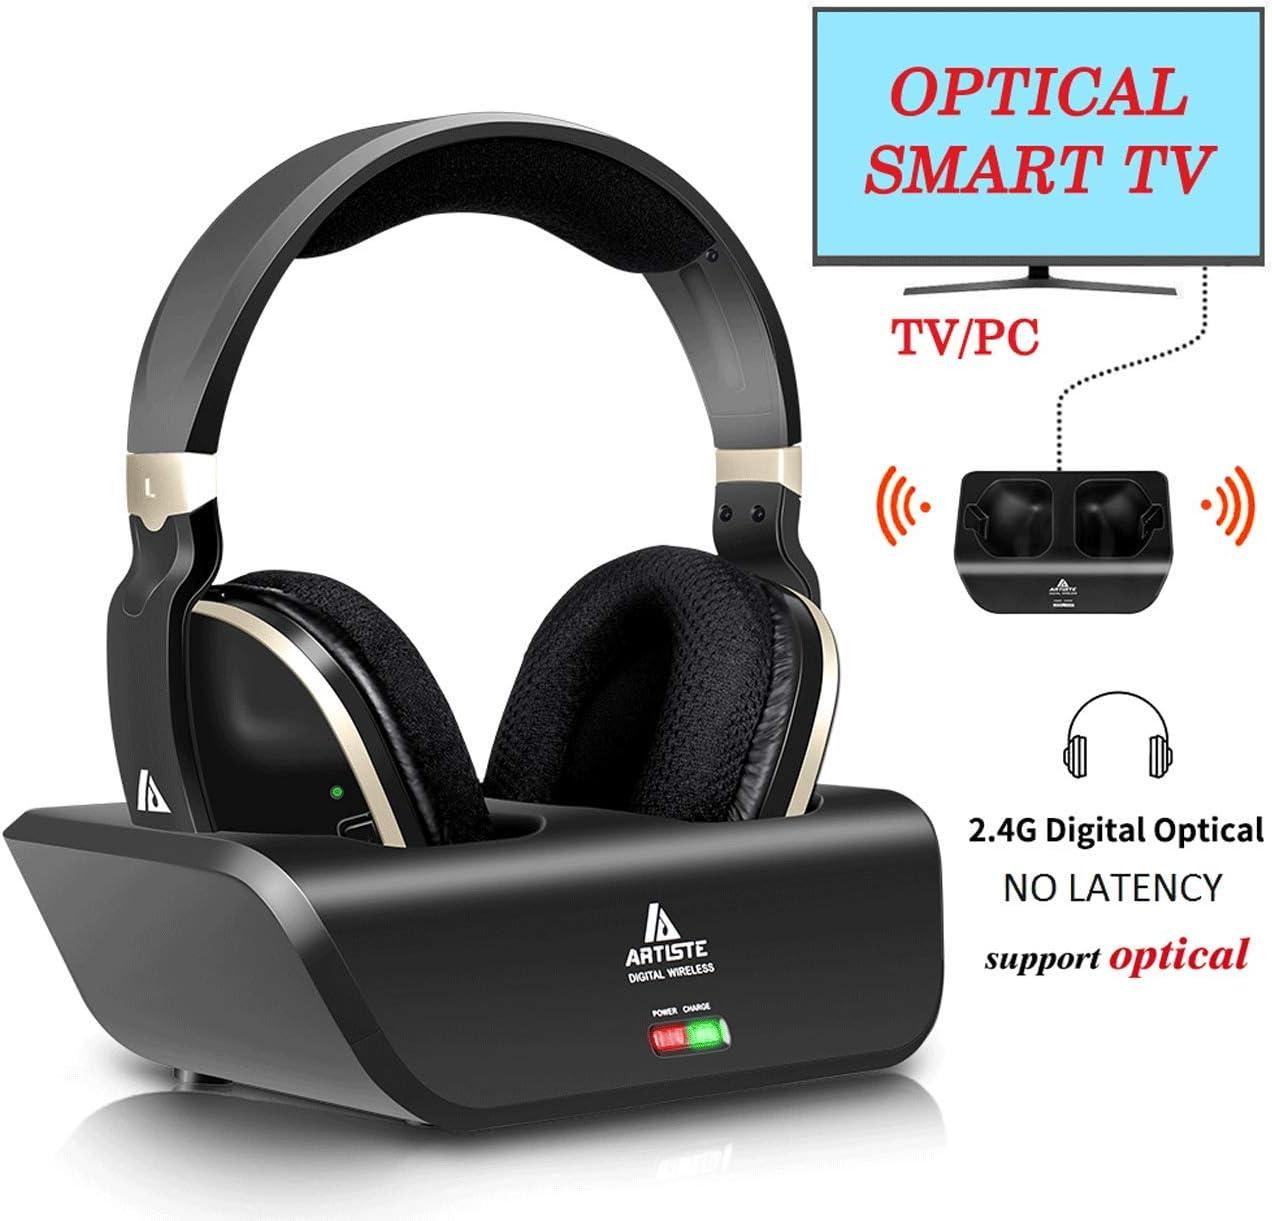 Ansten - Auriculares de diadema inalámbricos para TV, estéreo, con base de carga, transmisor RF de 2,4 GHz, sin latencia, tiempo de reproducción de 20 horas, para TV, PC, móvil, MP3: Amazon.es: Electrónica